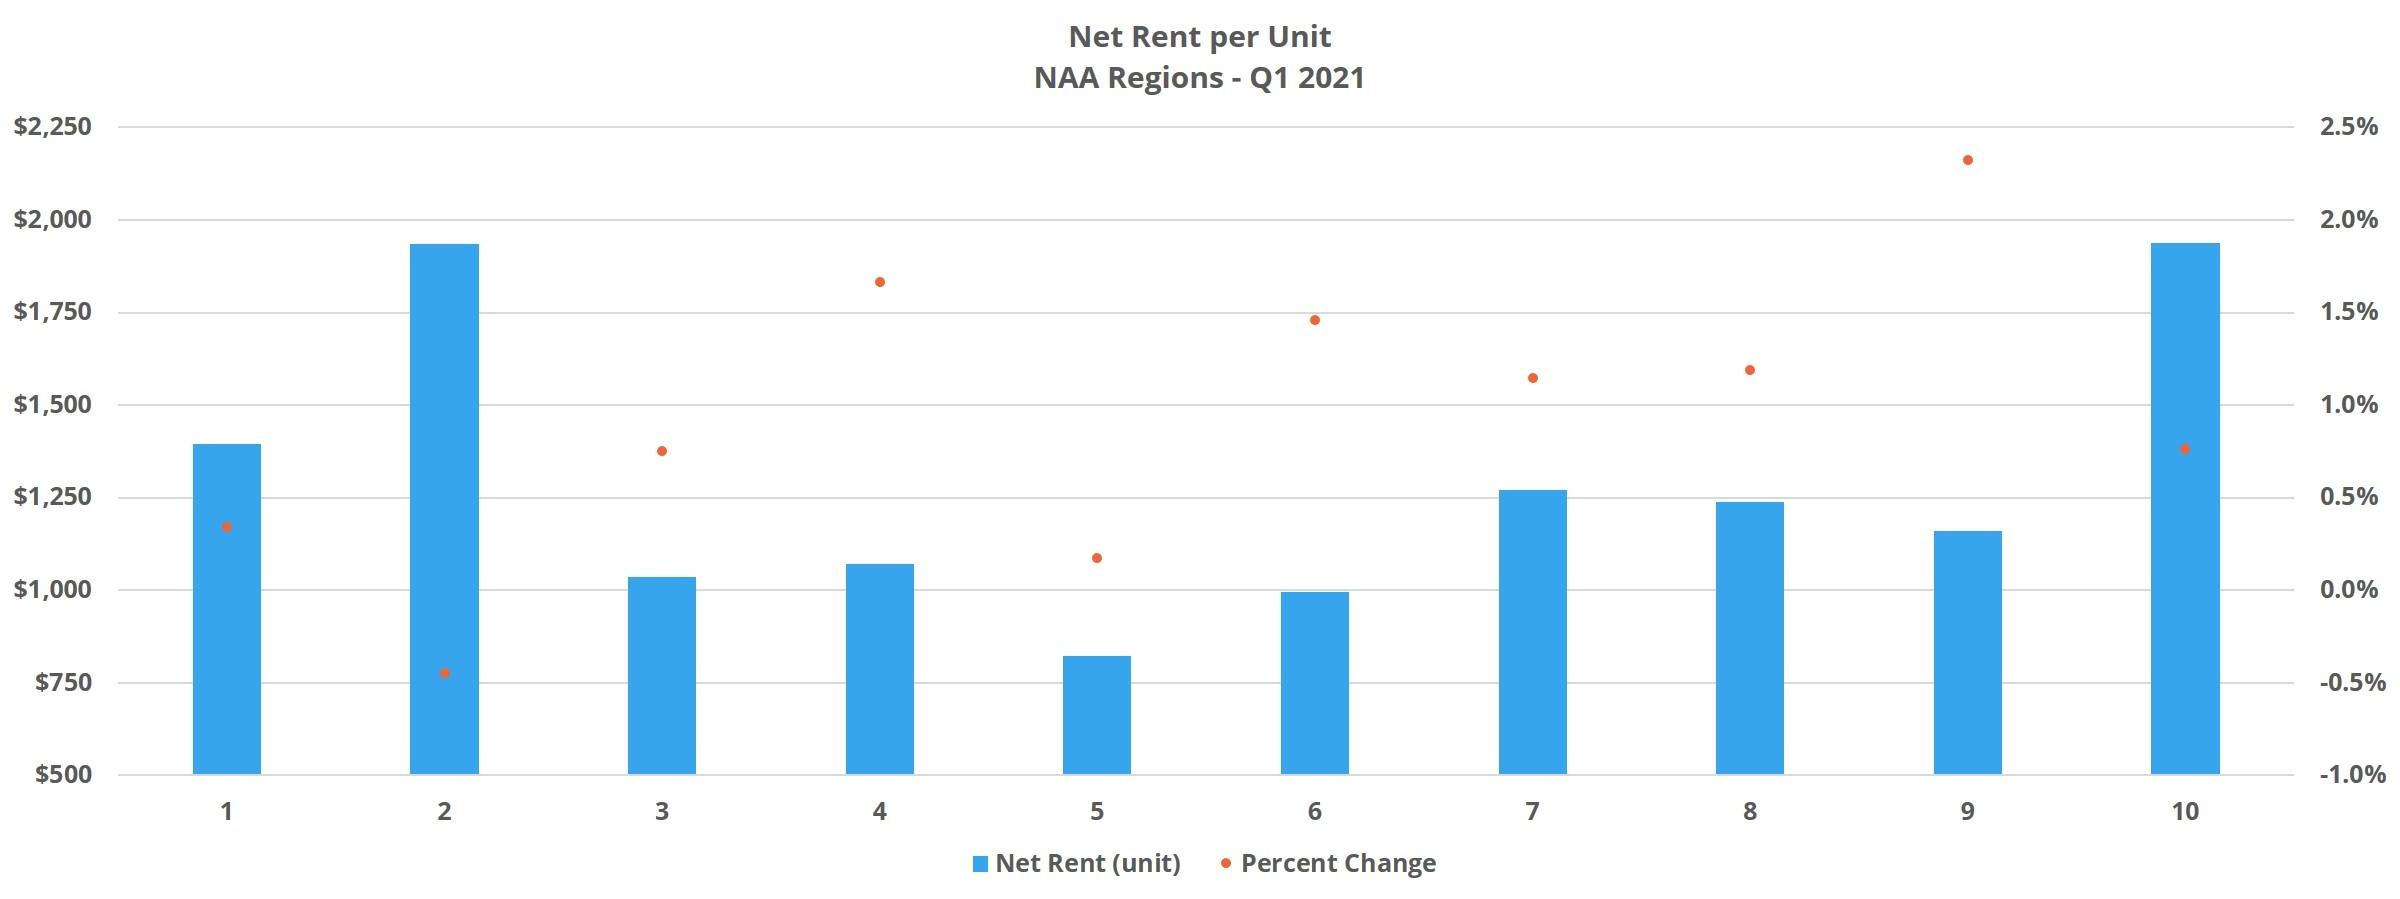 Net Rent per Unit